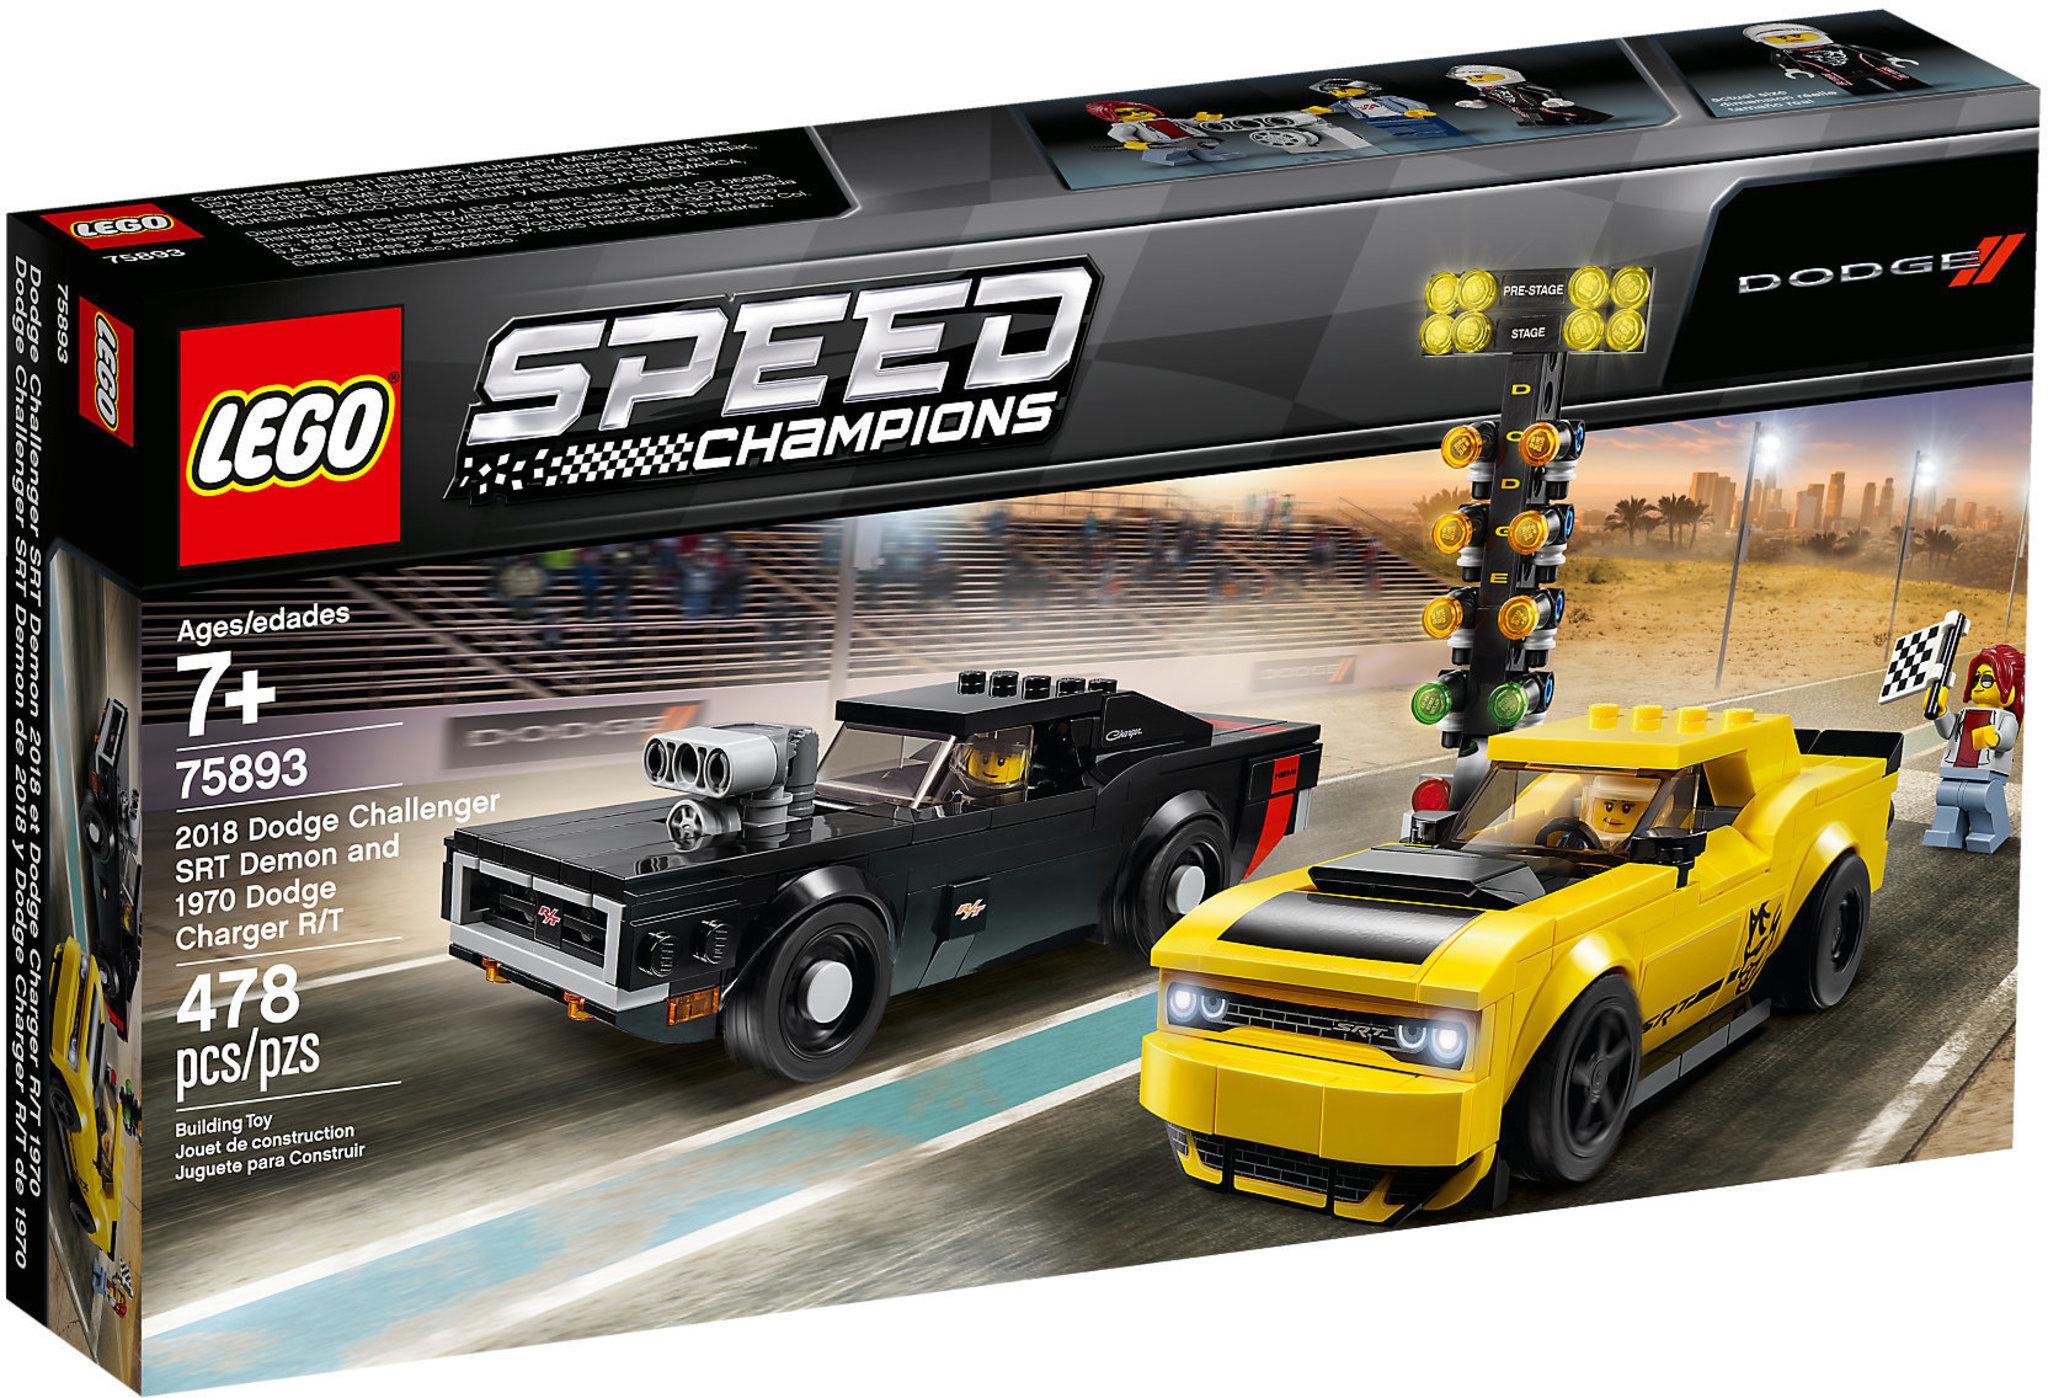 LEGO 75893 2018 Dodge Challenger SRT Demon e 1970 Dodge Charger R/T 75893 LEGO S.P.A.